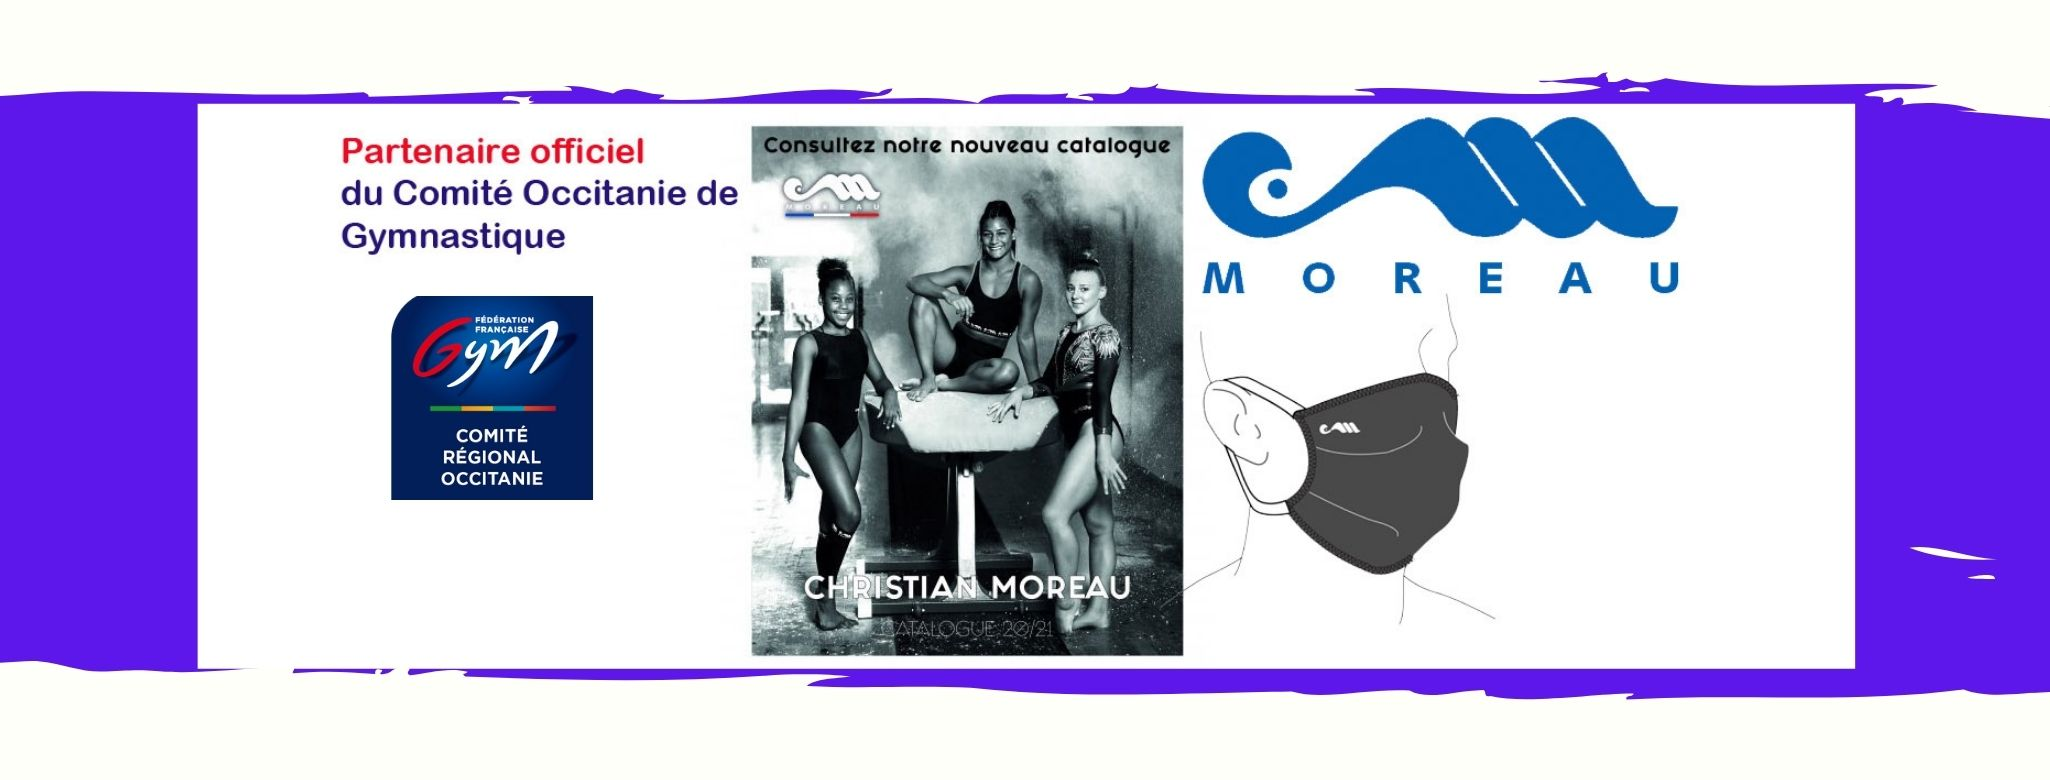 Focus Partenariat : MOREAU